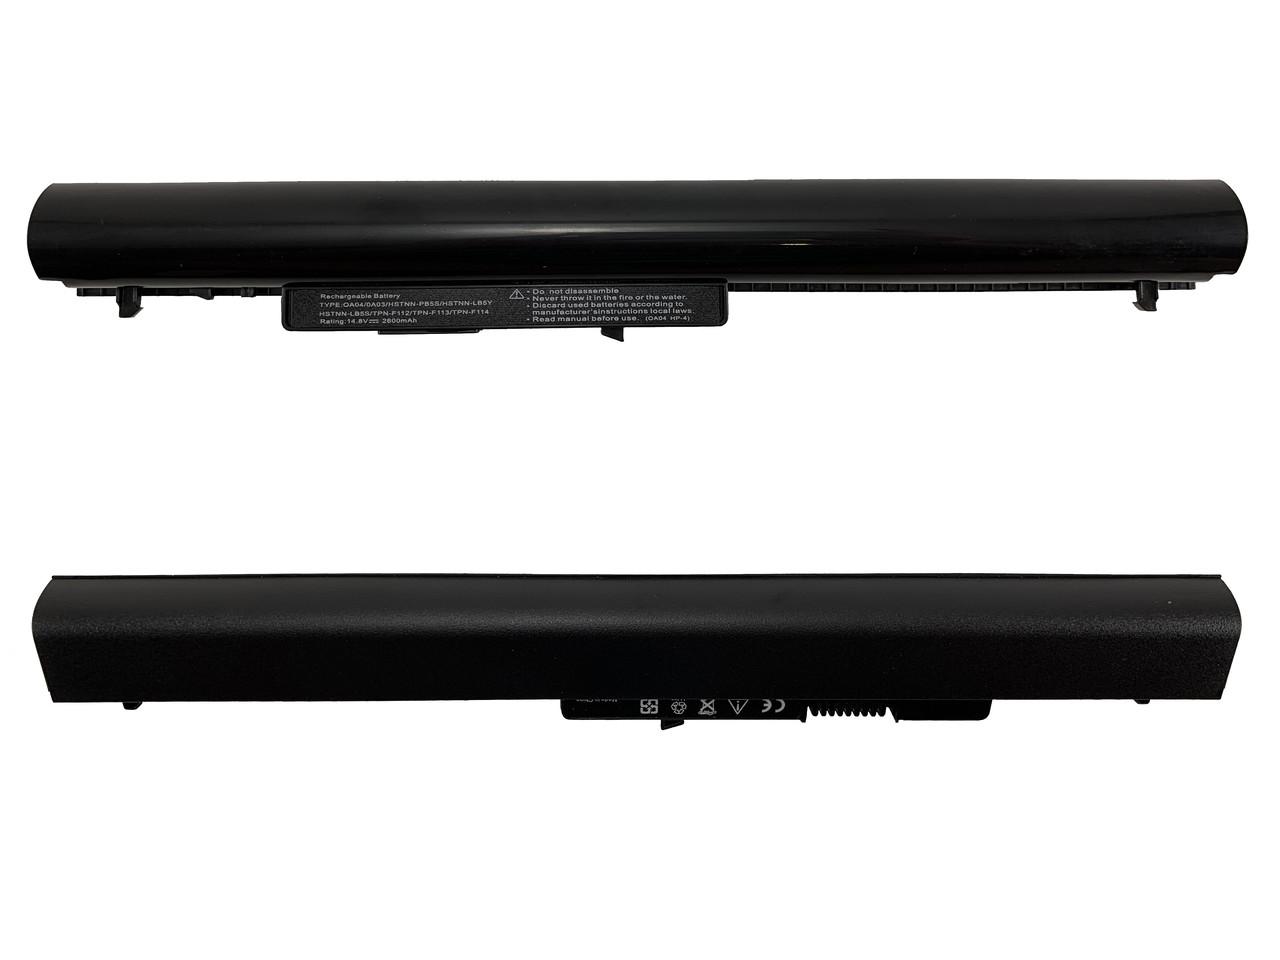 Батарея для ноутбука HP CQ14 (15-G000, 15-D000 series, Compaq 240 G2, 245 G2, 250 G2, 255 G2) 14.8 V 2600mAh